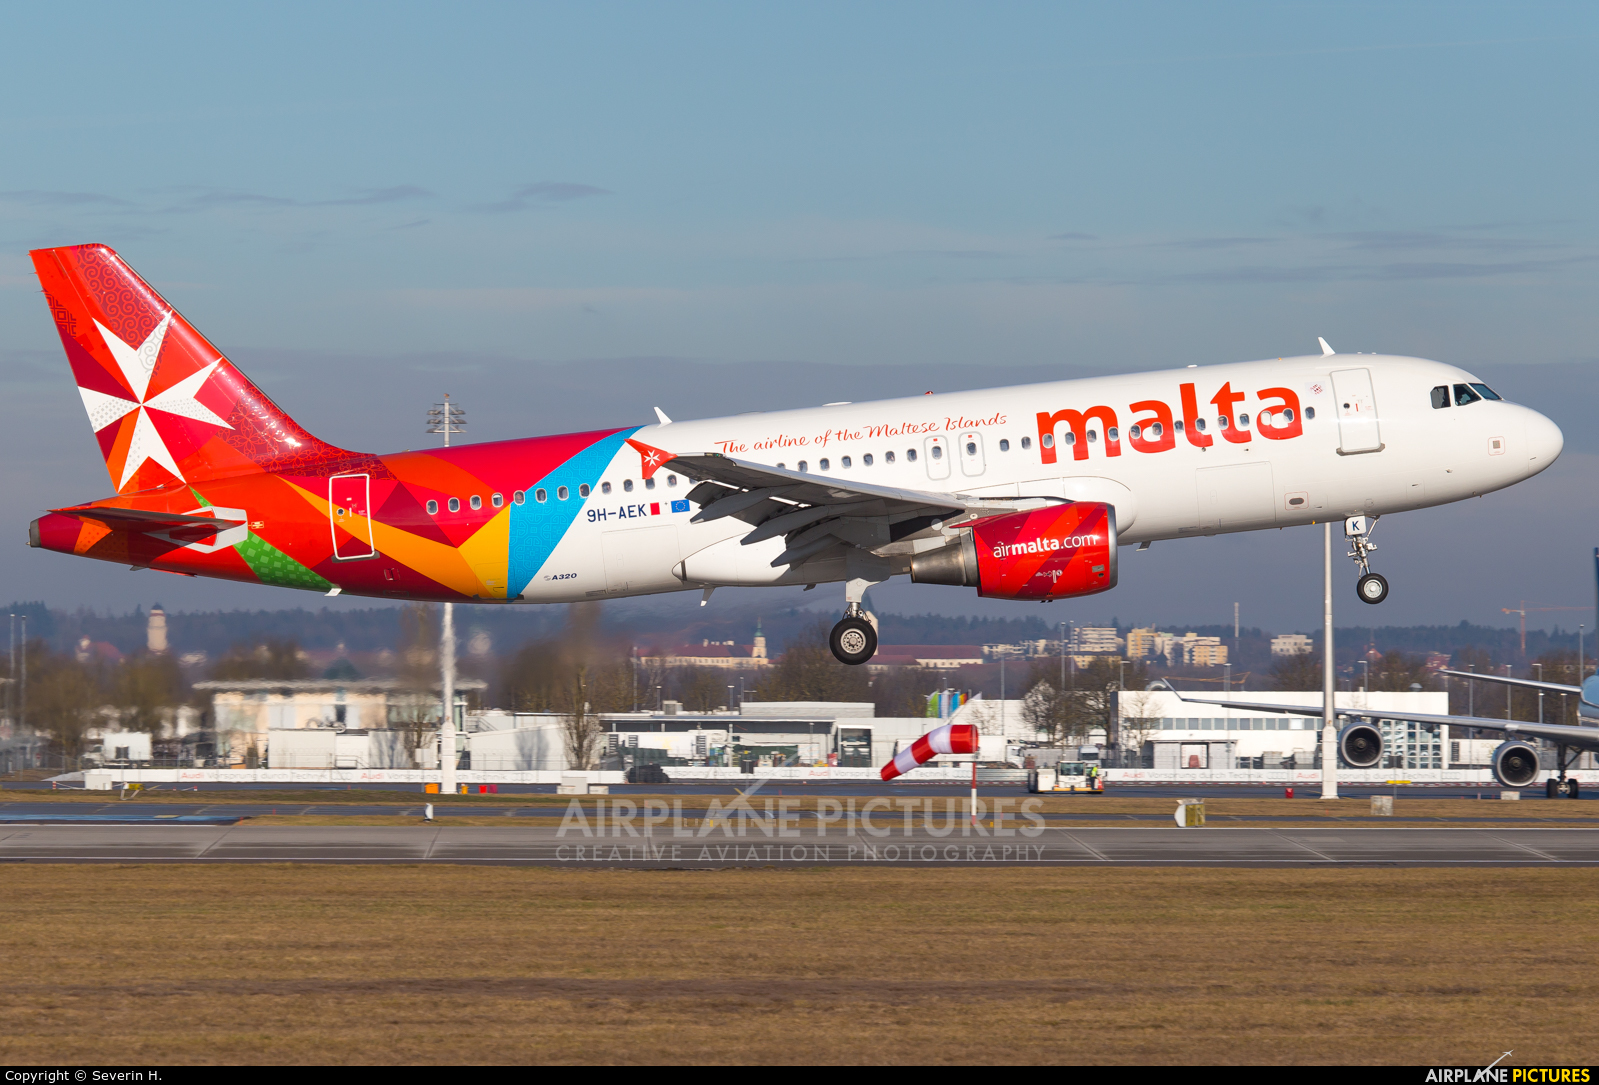 Air Malta 9H-AEK aircraft at Munich